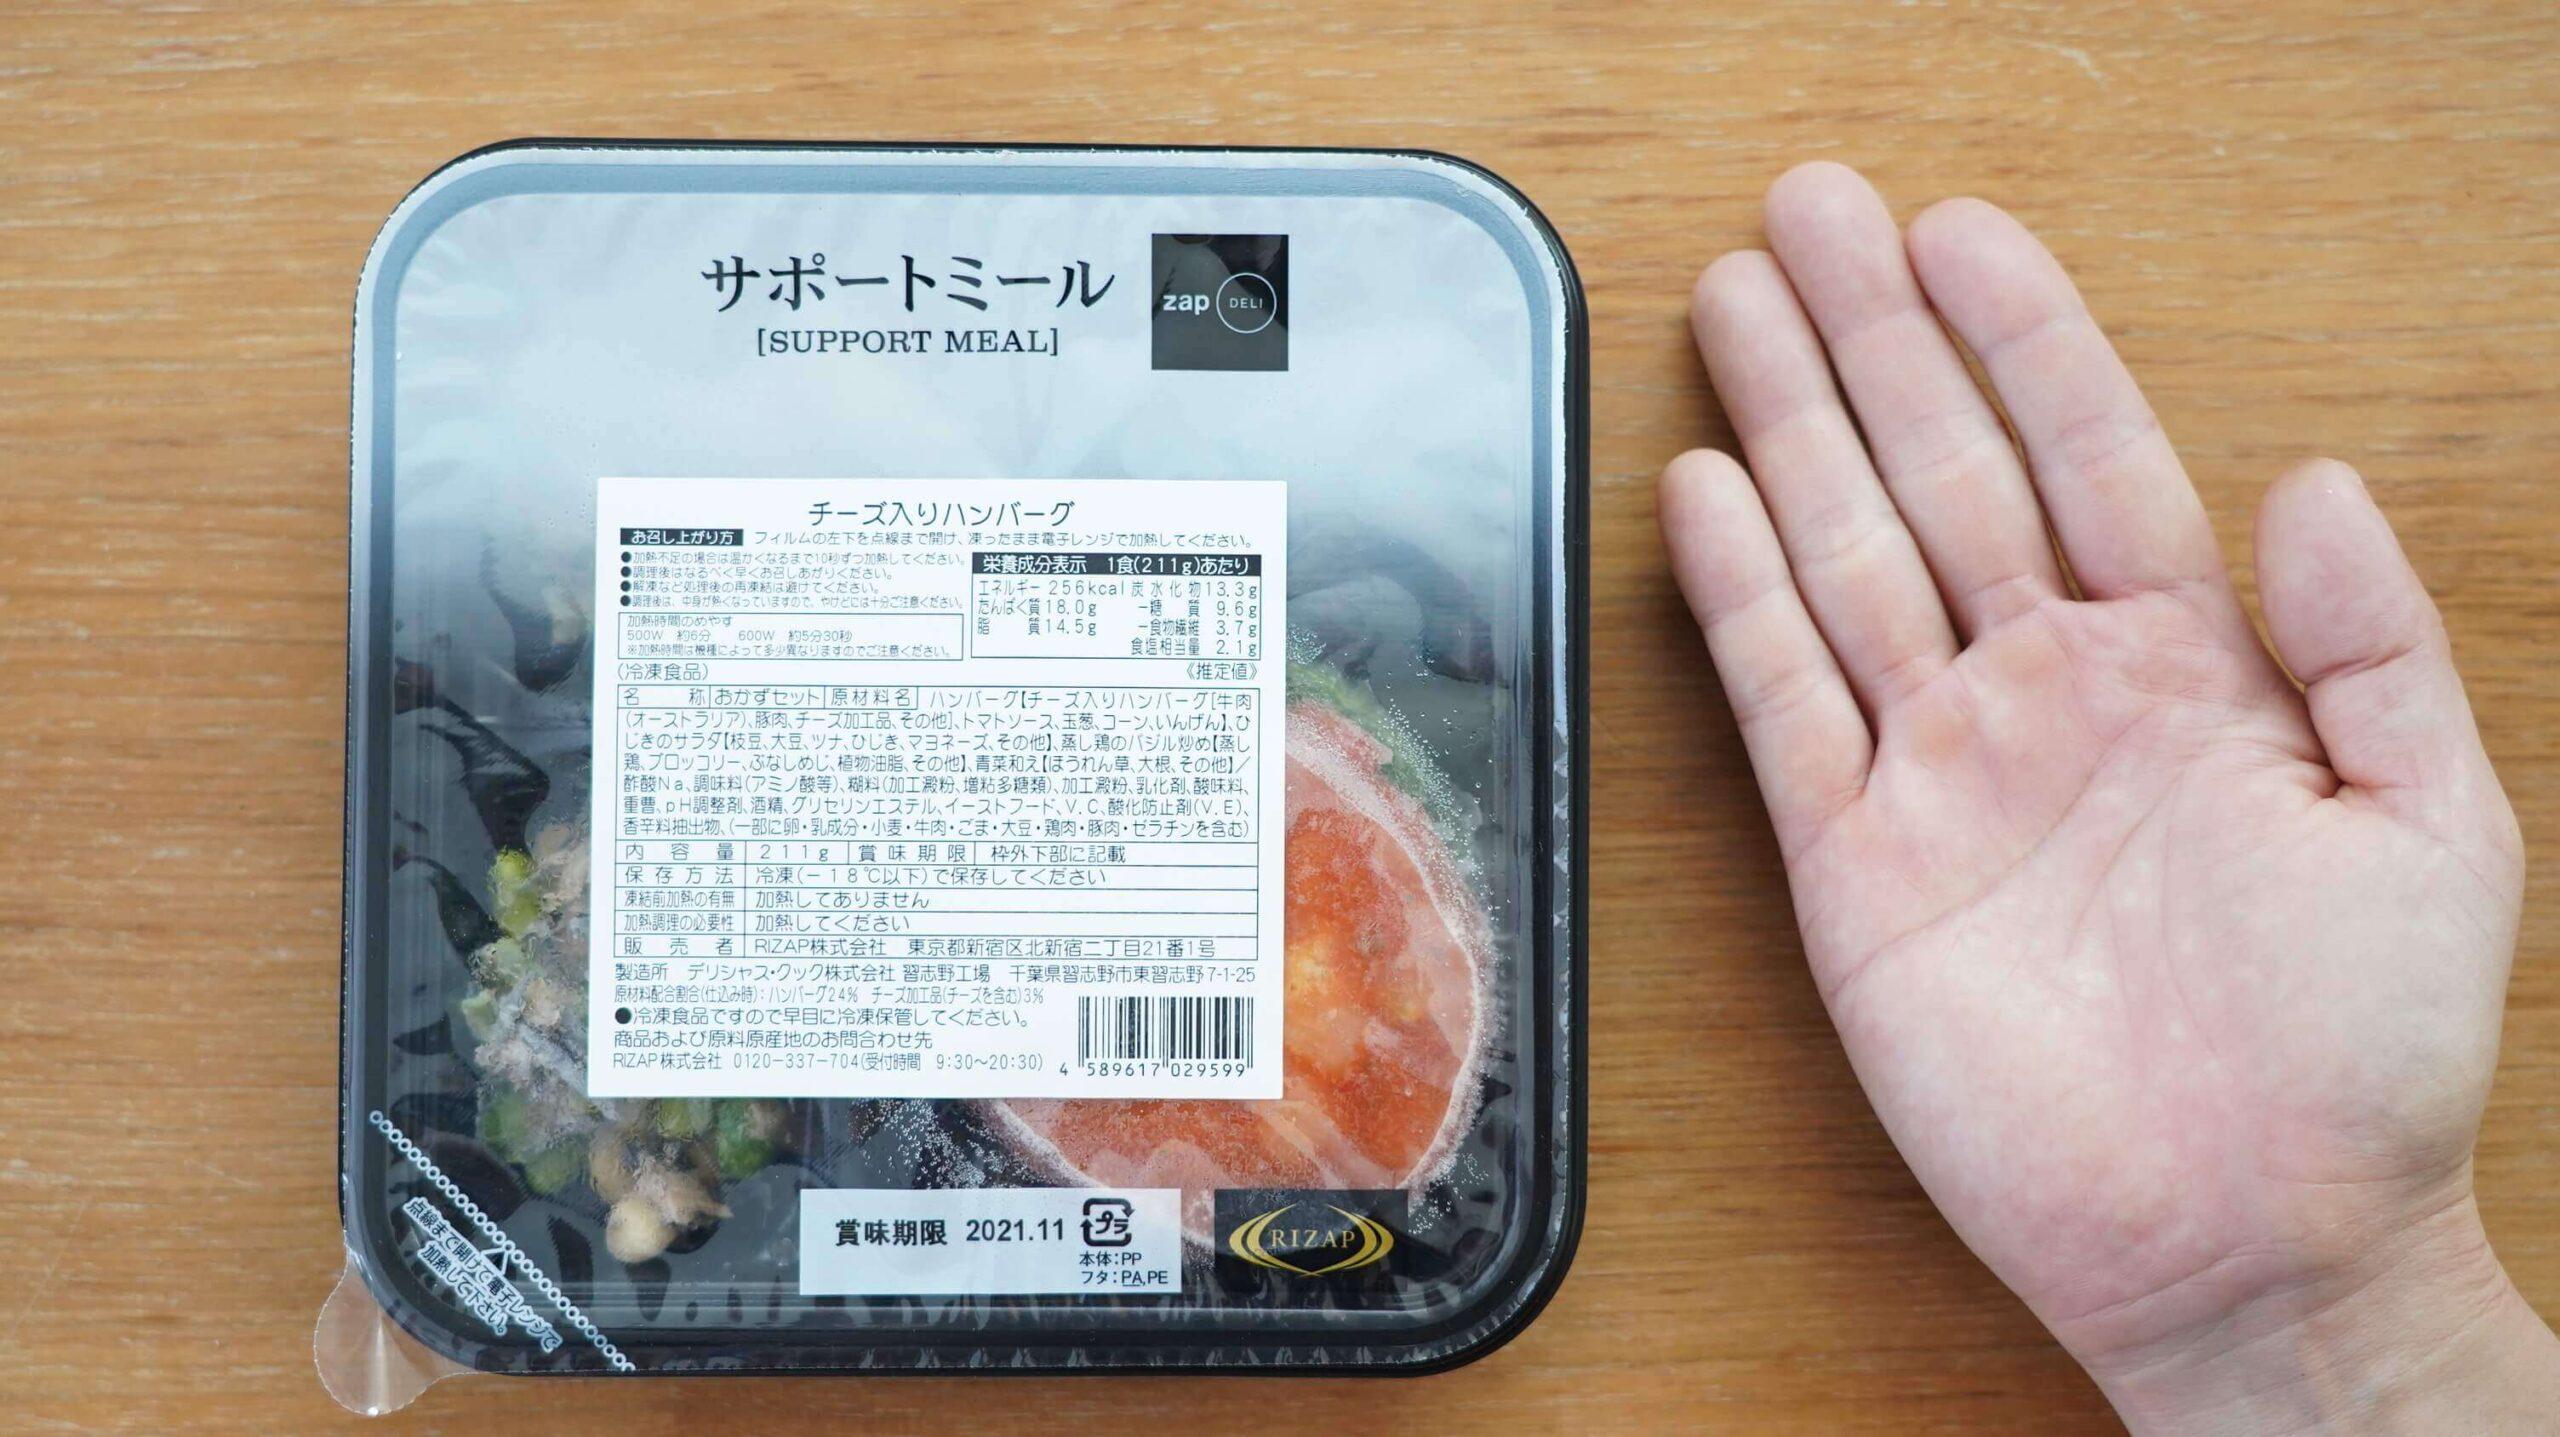 ライザップ(RIZAP)で食事制限してダイエットする際に使う宅食用ボディメイク冷凍弁当「サポートミール」(健康食品)と手のひらの大きさを比べている写真